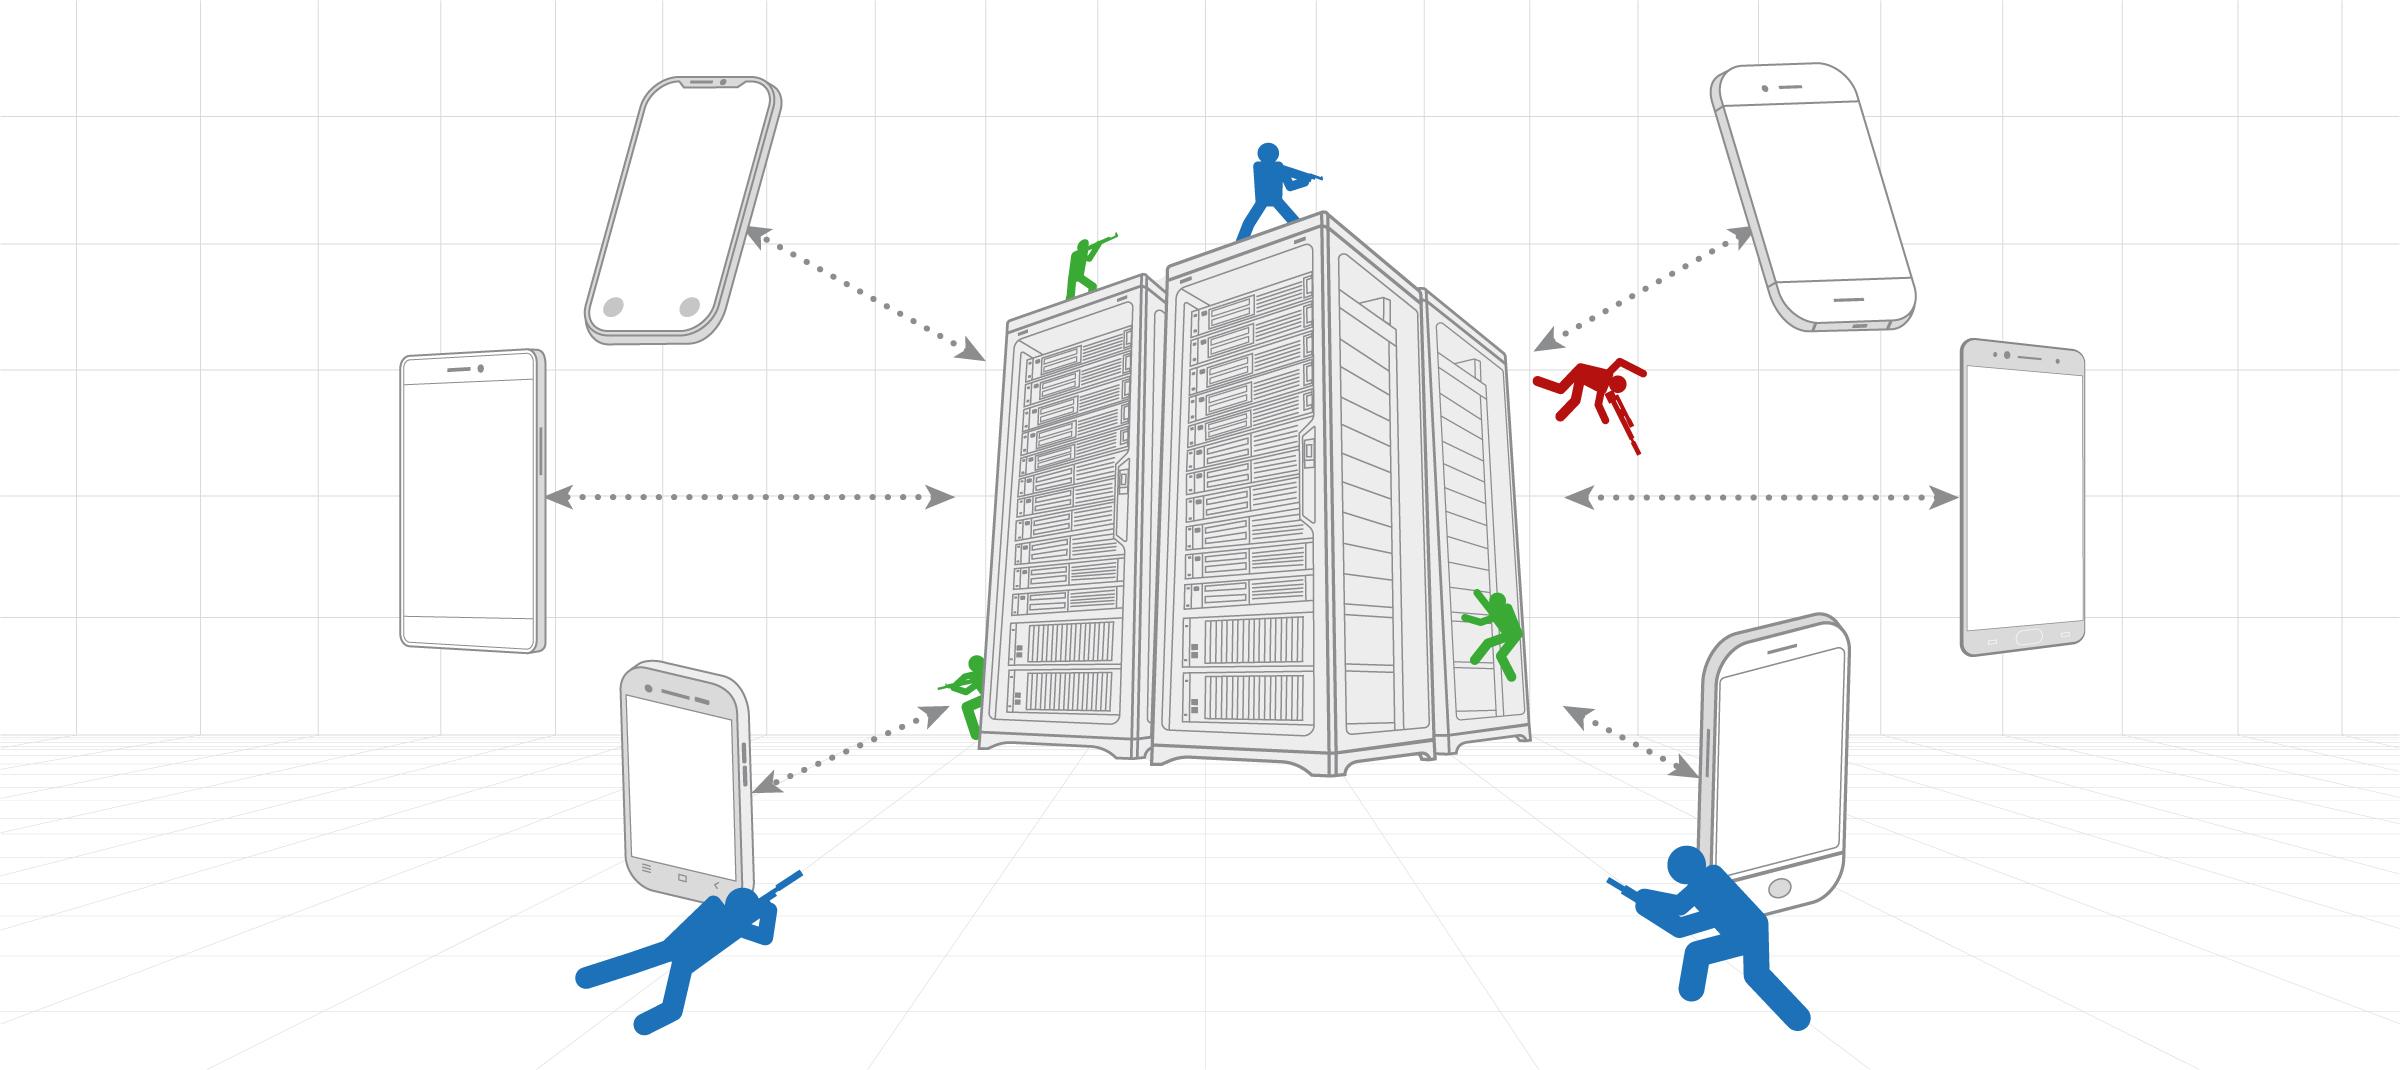 Клиент-серверное взаимодействие в новом мобильном PvP-шутере и устройство игрового сервера: проблемы и решения